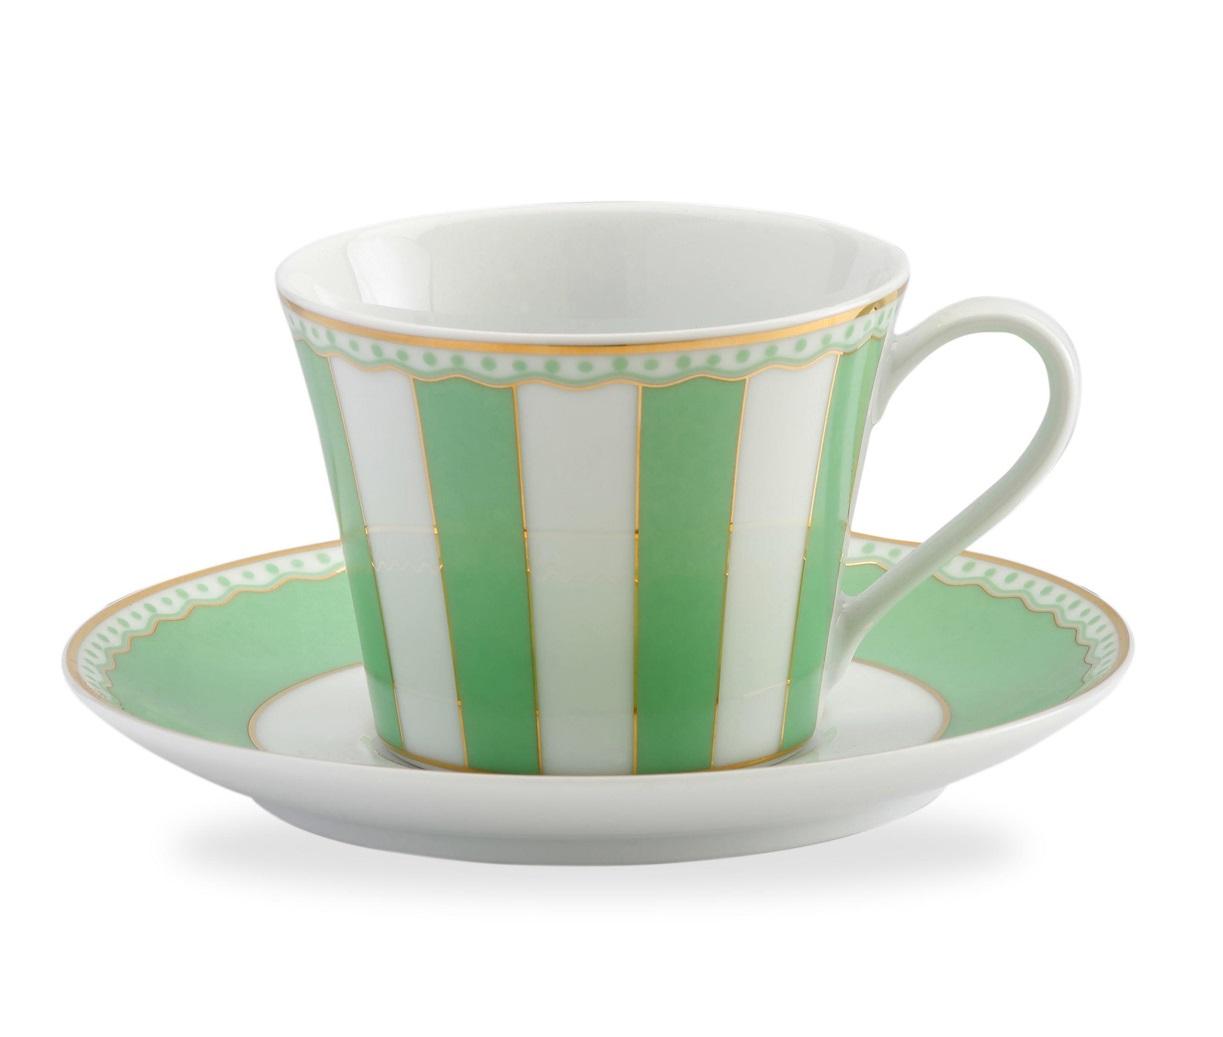 """Чайная пара Noritake Карнавал, зеленыйNOR0M252-T002BЯркая подарочная фарфоровая коллекция """"Карнавал"""" от Noritake это все что нужно для чаепития. Подарочная упаковка. Не использовать средства для чистки, мыть в мыльной воде."""